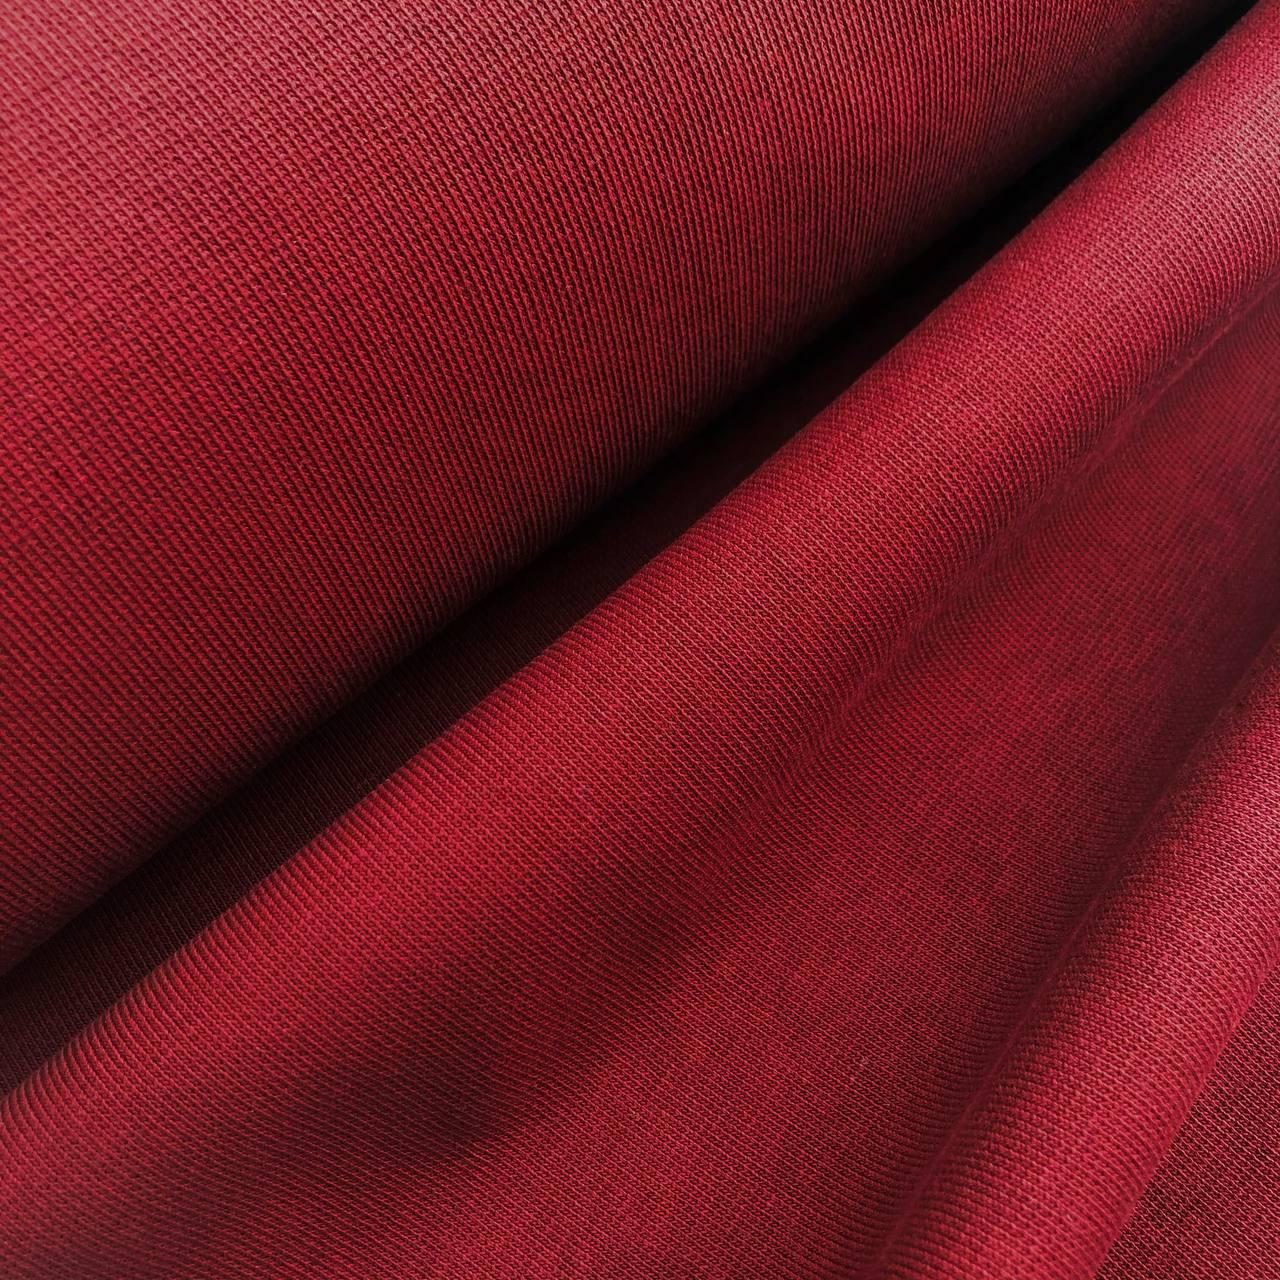 Эль сааб ткани купить купить портативную швейную машинку в интернет магазине недорого